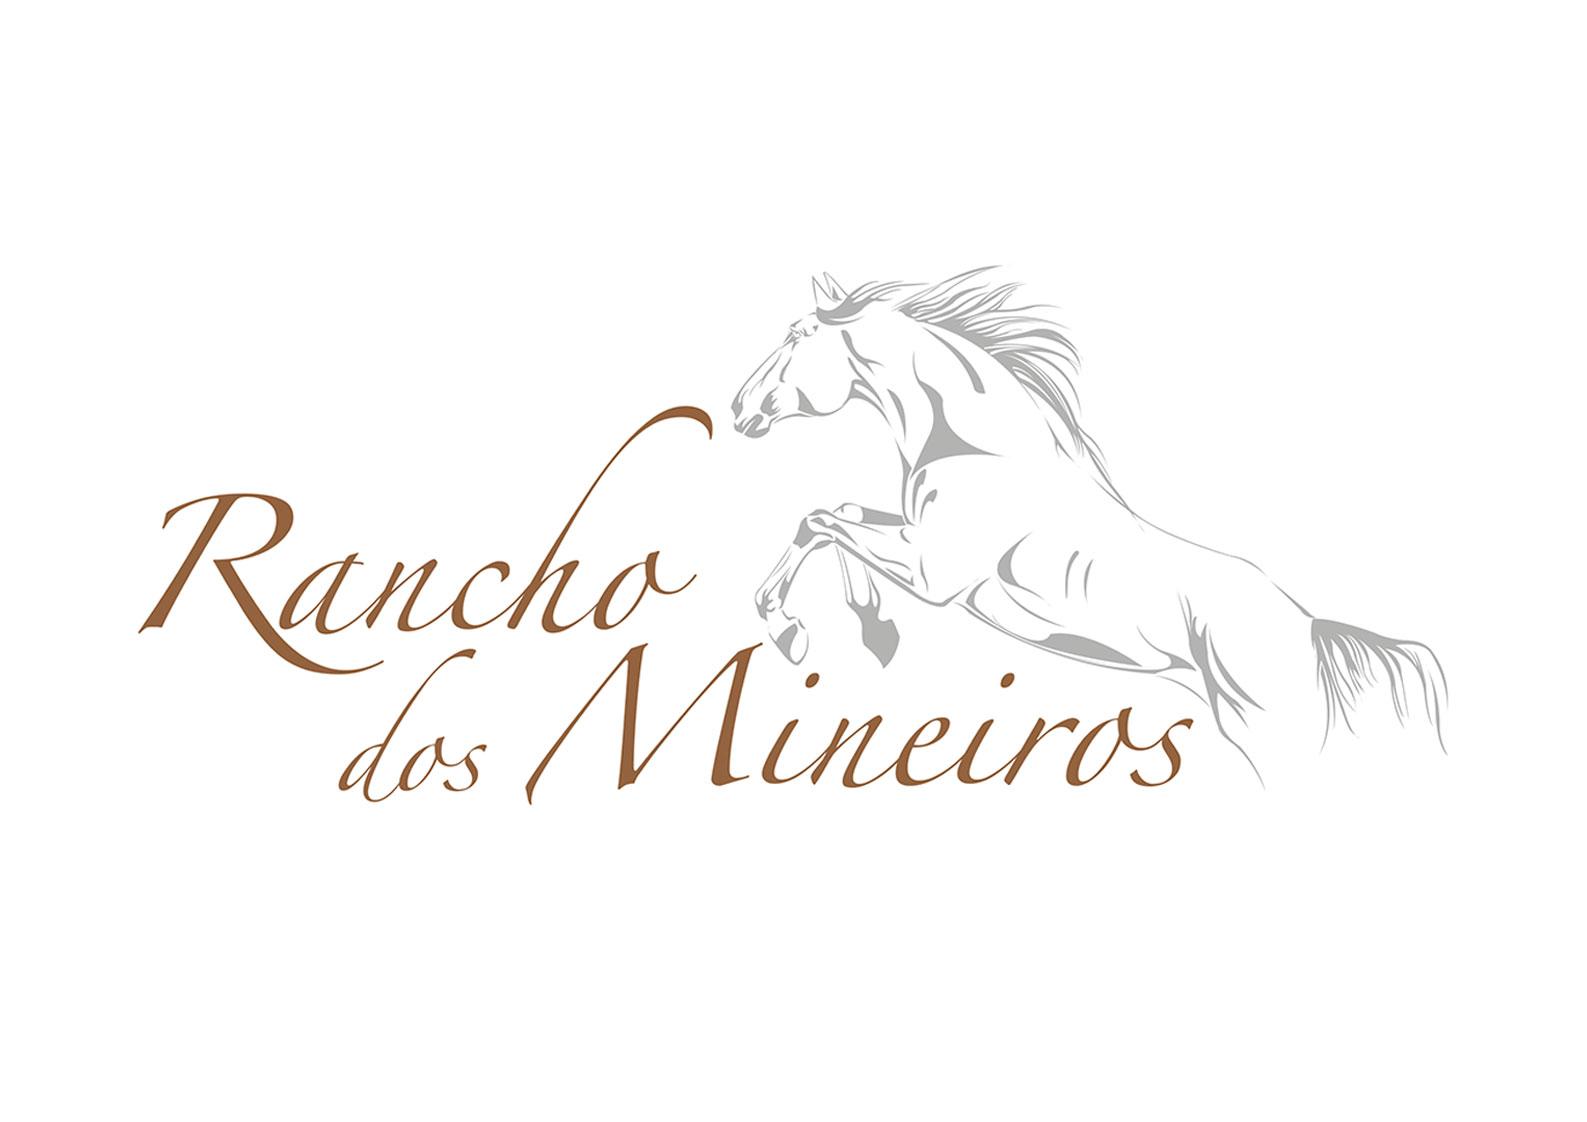 Rancho dos Mineiros